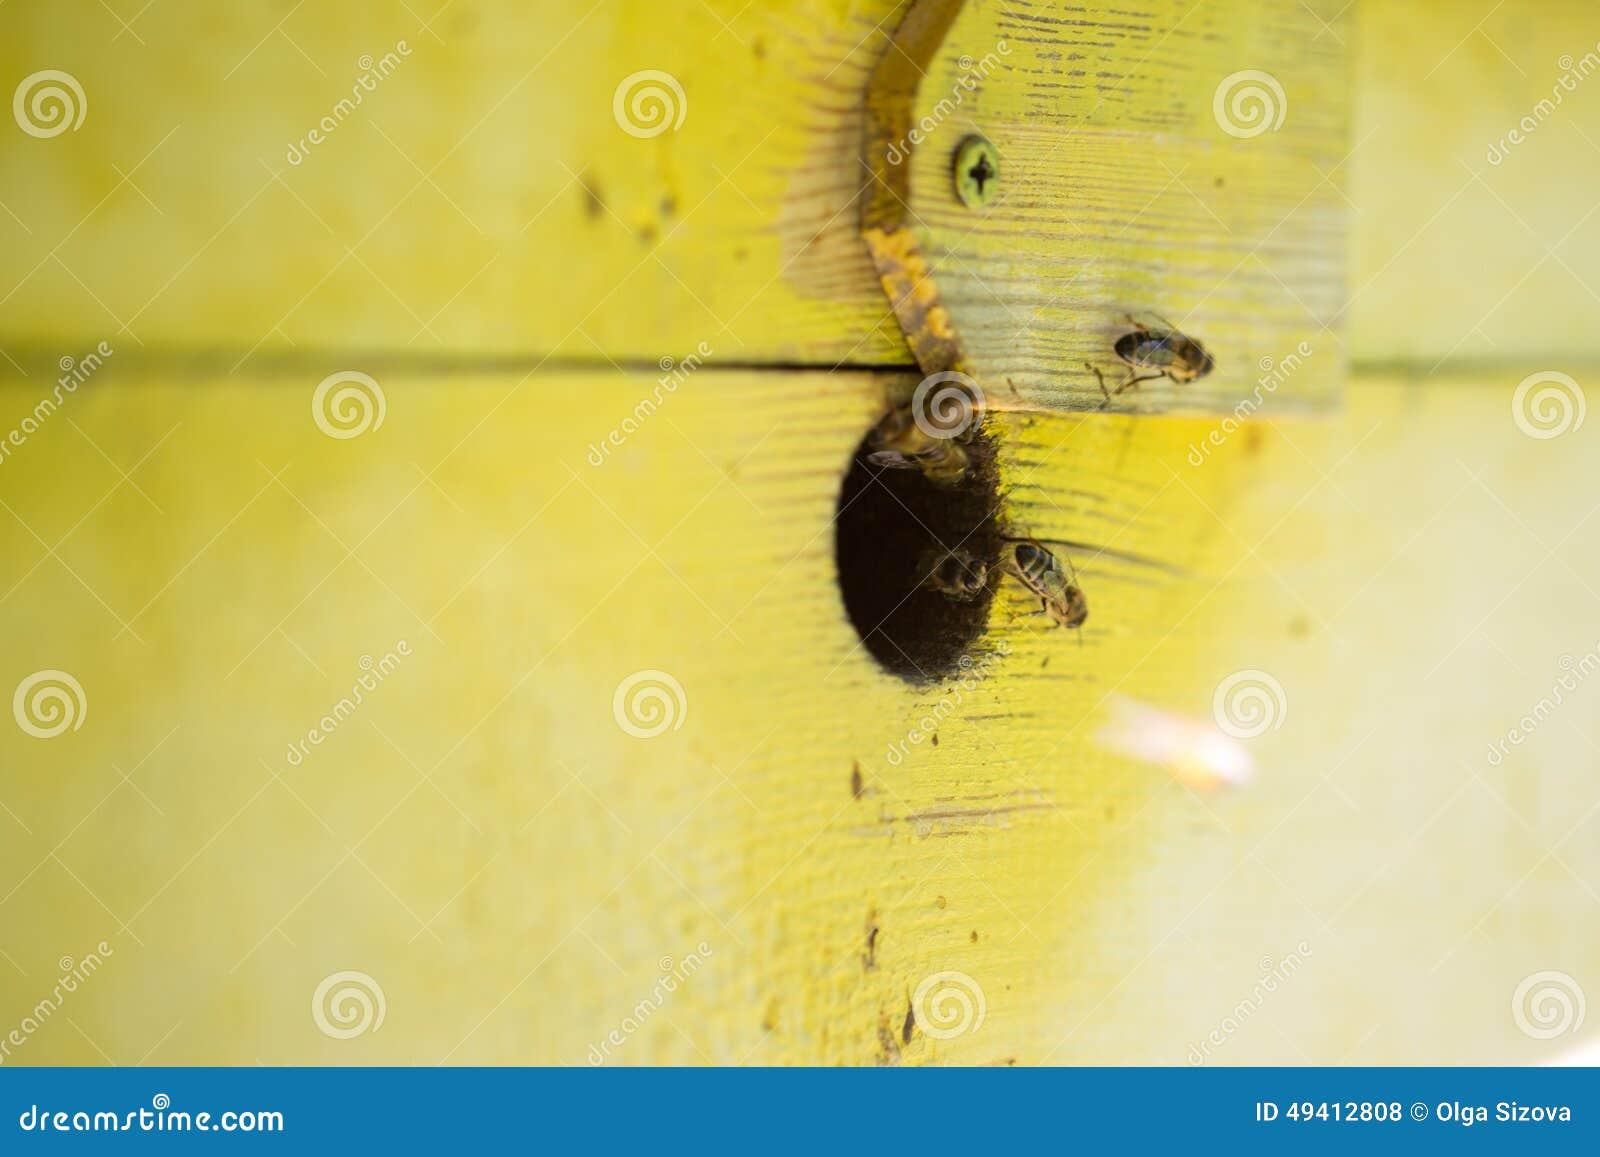 Download Bienen im Haus stockfoto. Bild von bienenstock, liebhaberei - 49412808